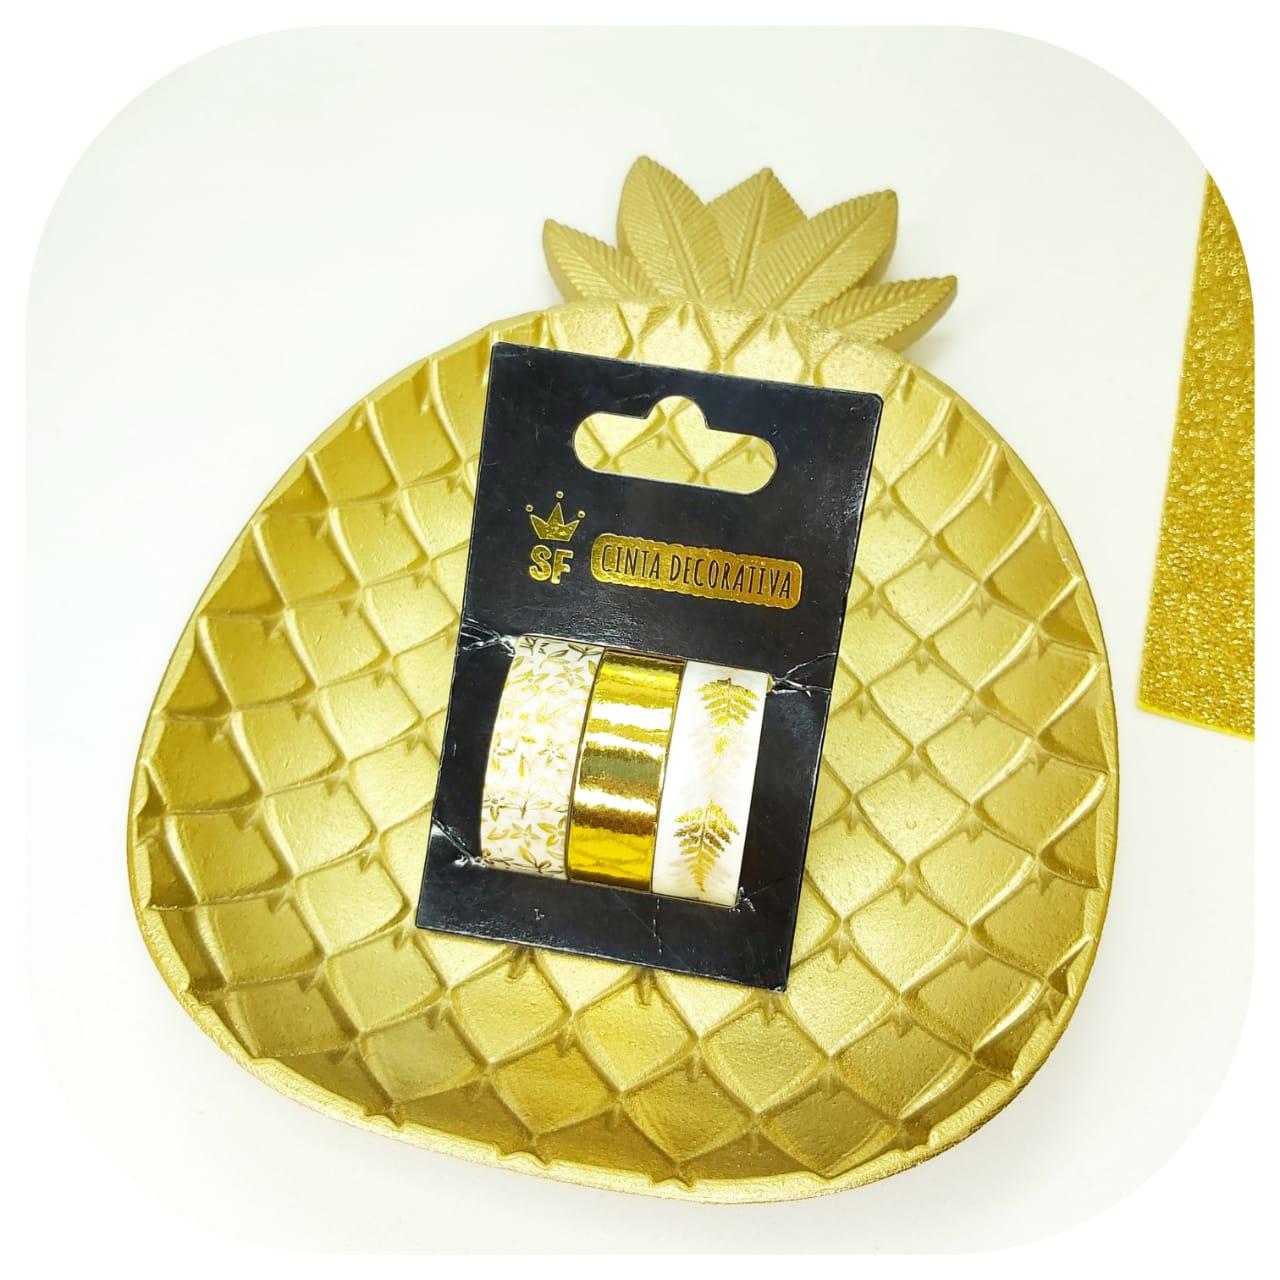 Kit 3 Washi Tapes - Gold